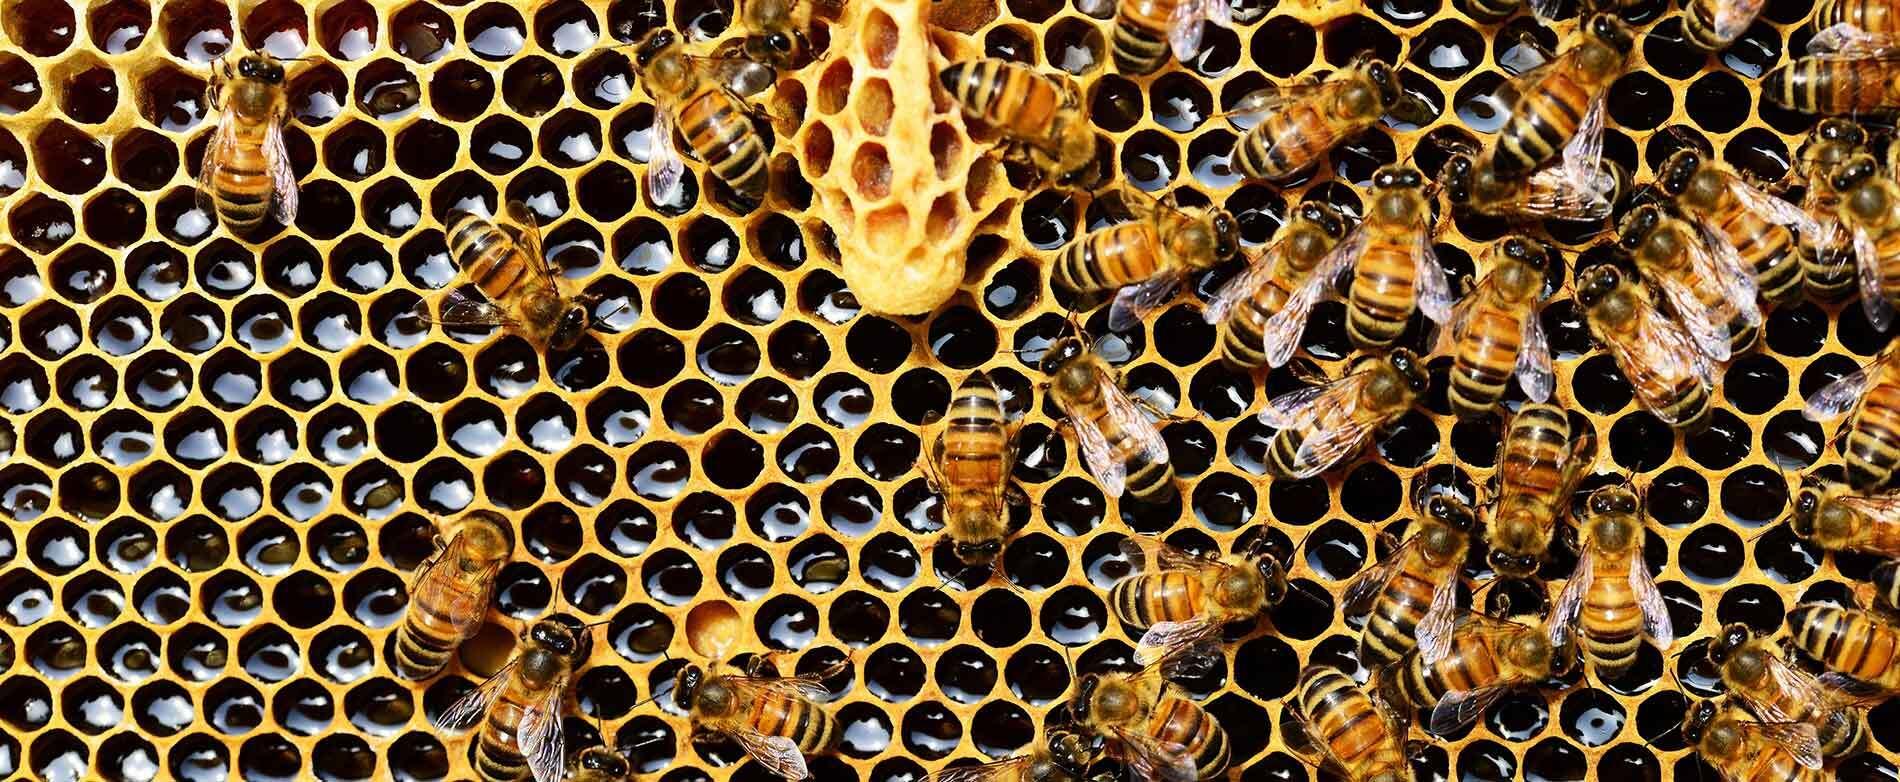 Les bienfaits du miel et autres produits de la ruche